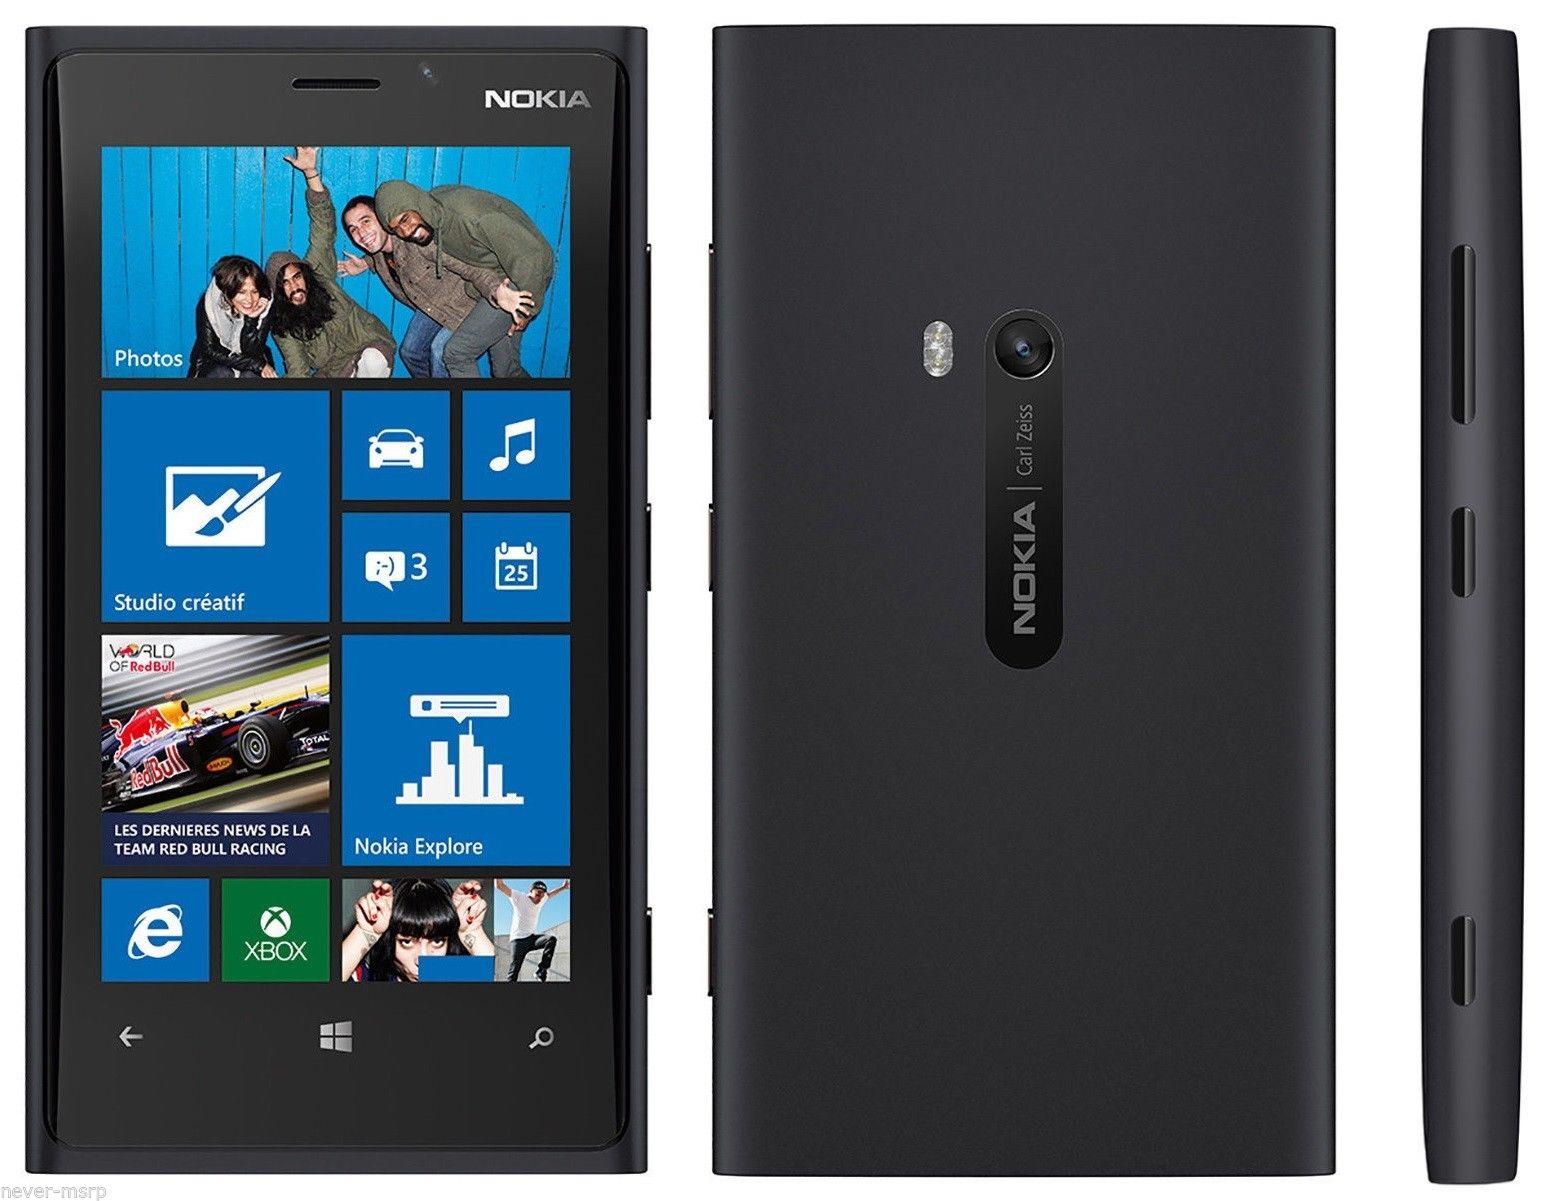 Nokia lumia 830 t mobile - 4 5 034 Nokia Lumia 920 Gsm T